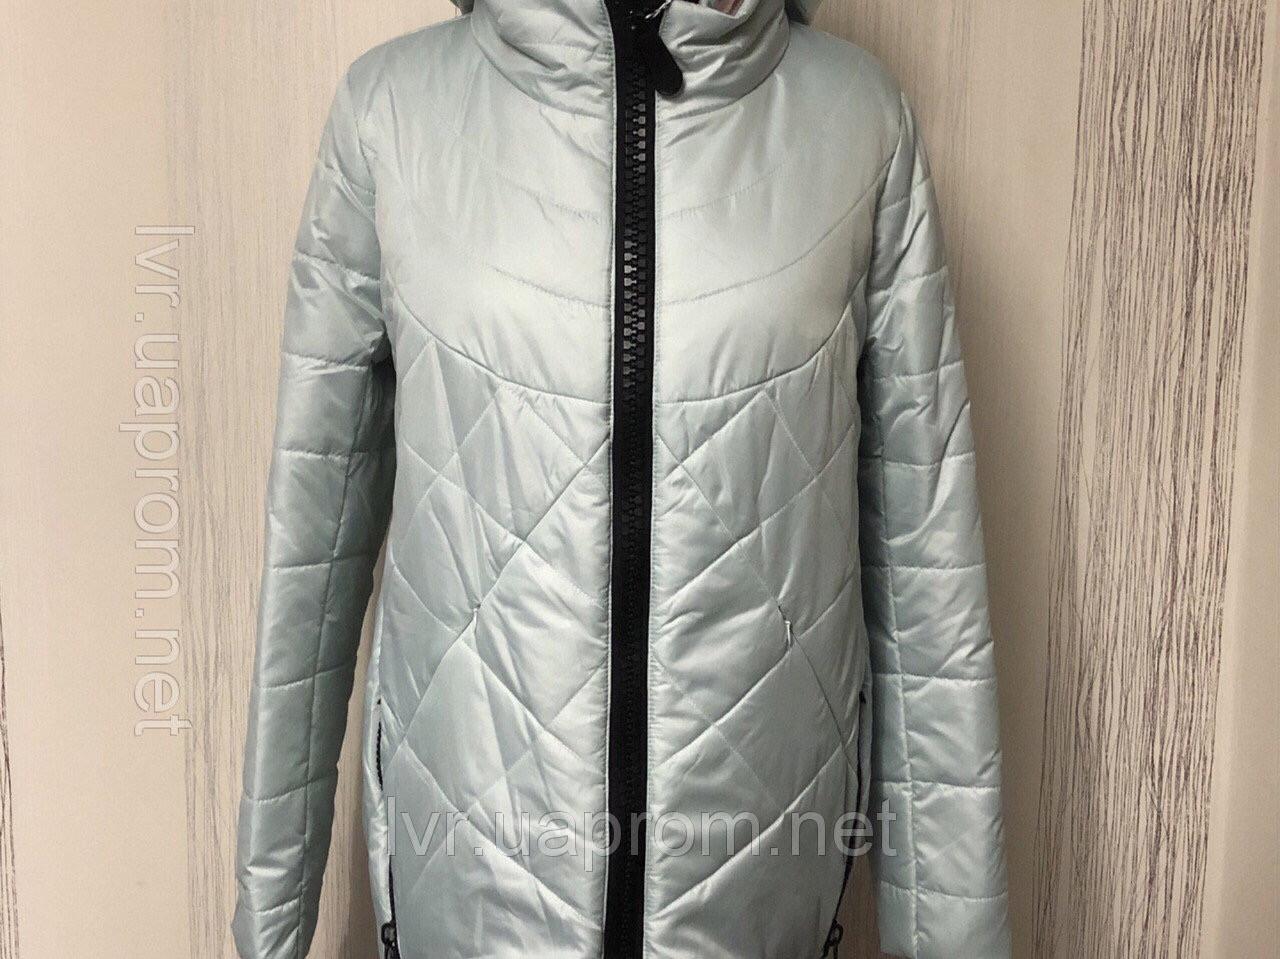 f43a8766507 Женская деми куртка Ирма - Интернет-магазин